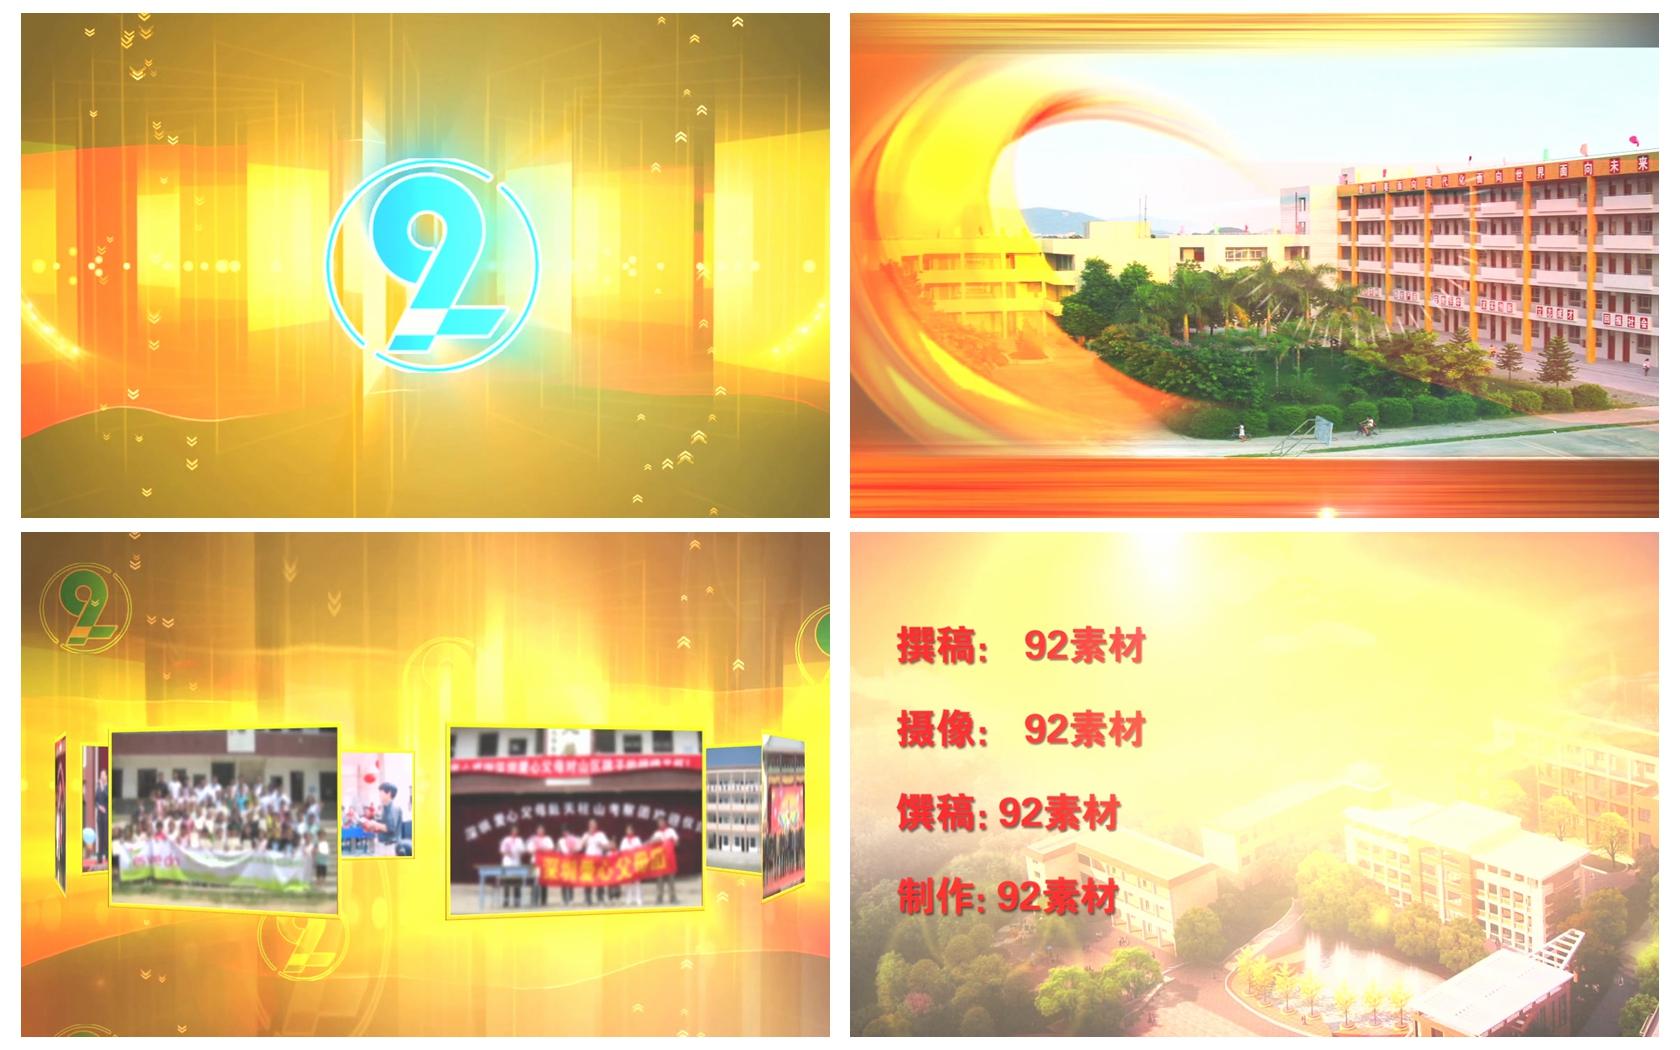 AE模板 辉煌大气学校教育政府单位宣传光效演示幻?#30772;?#27169;版 AE素材